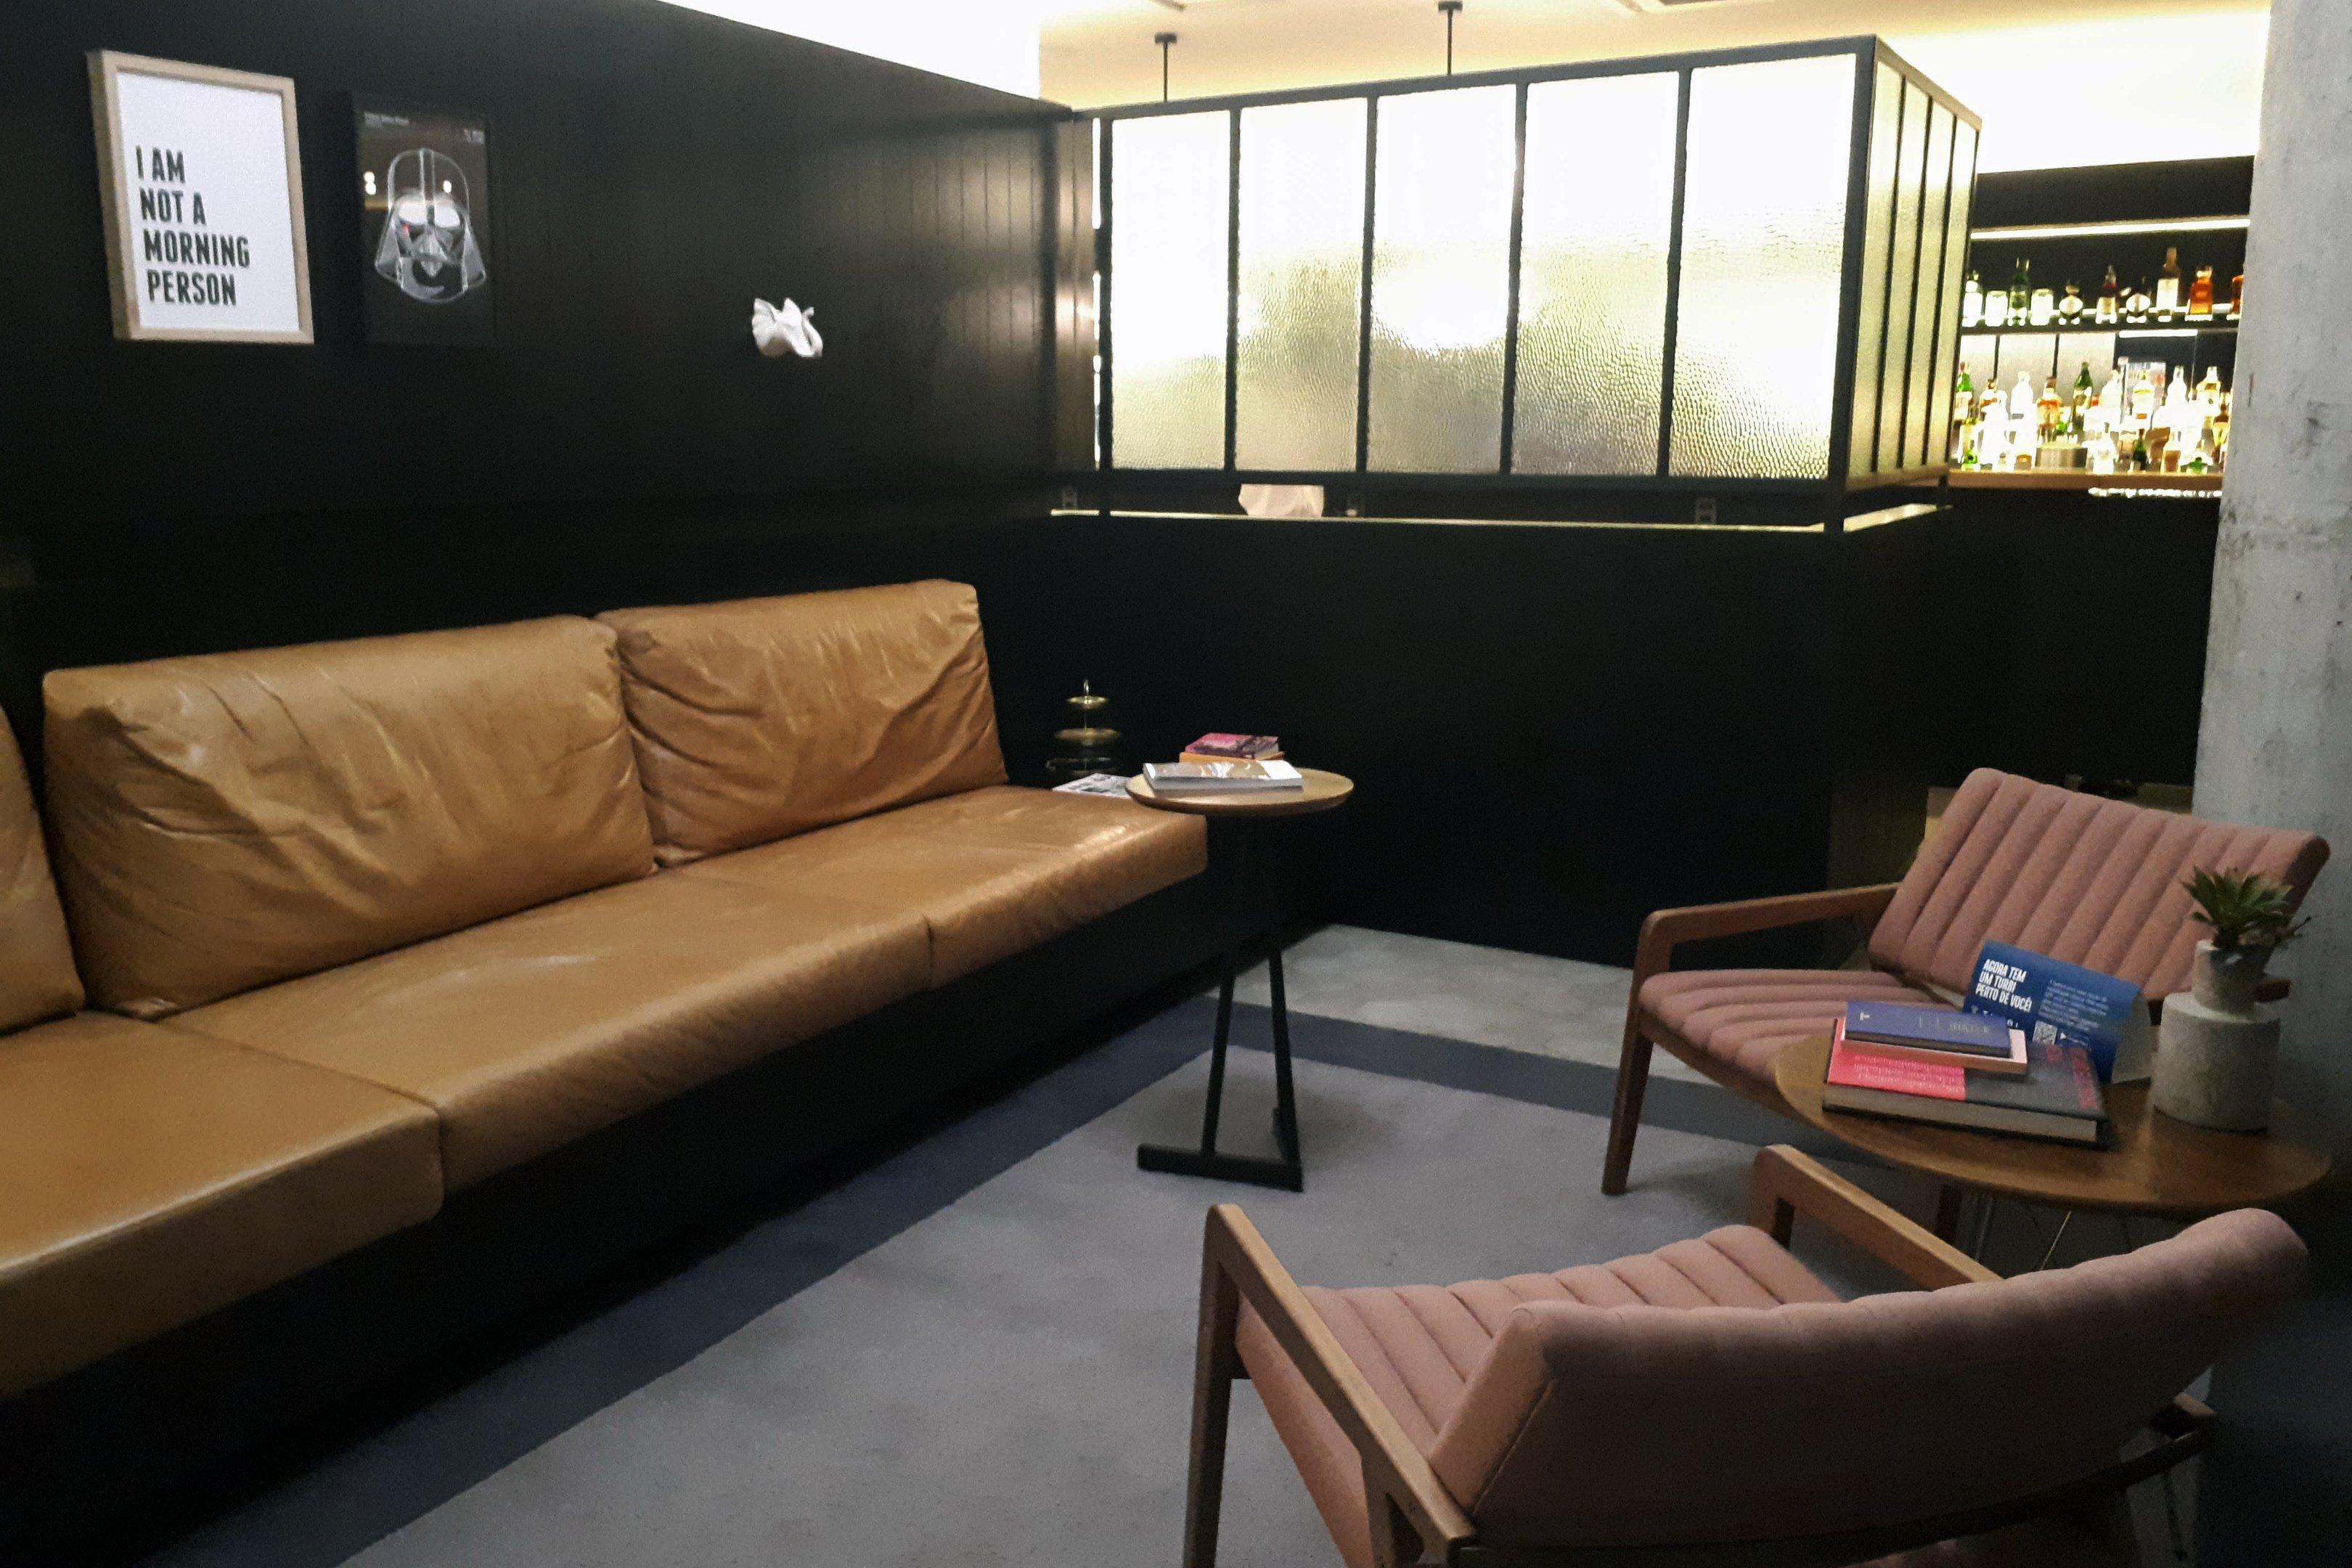 Área comum para trabalho e descanso em empreendimento da construtora Vitacon